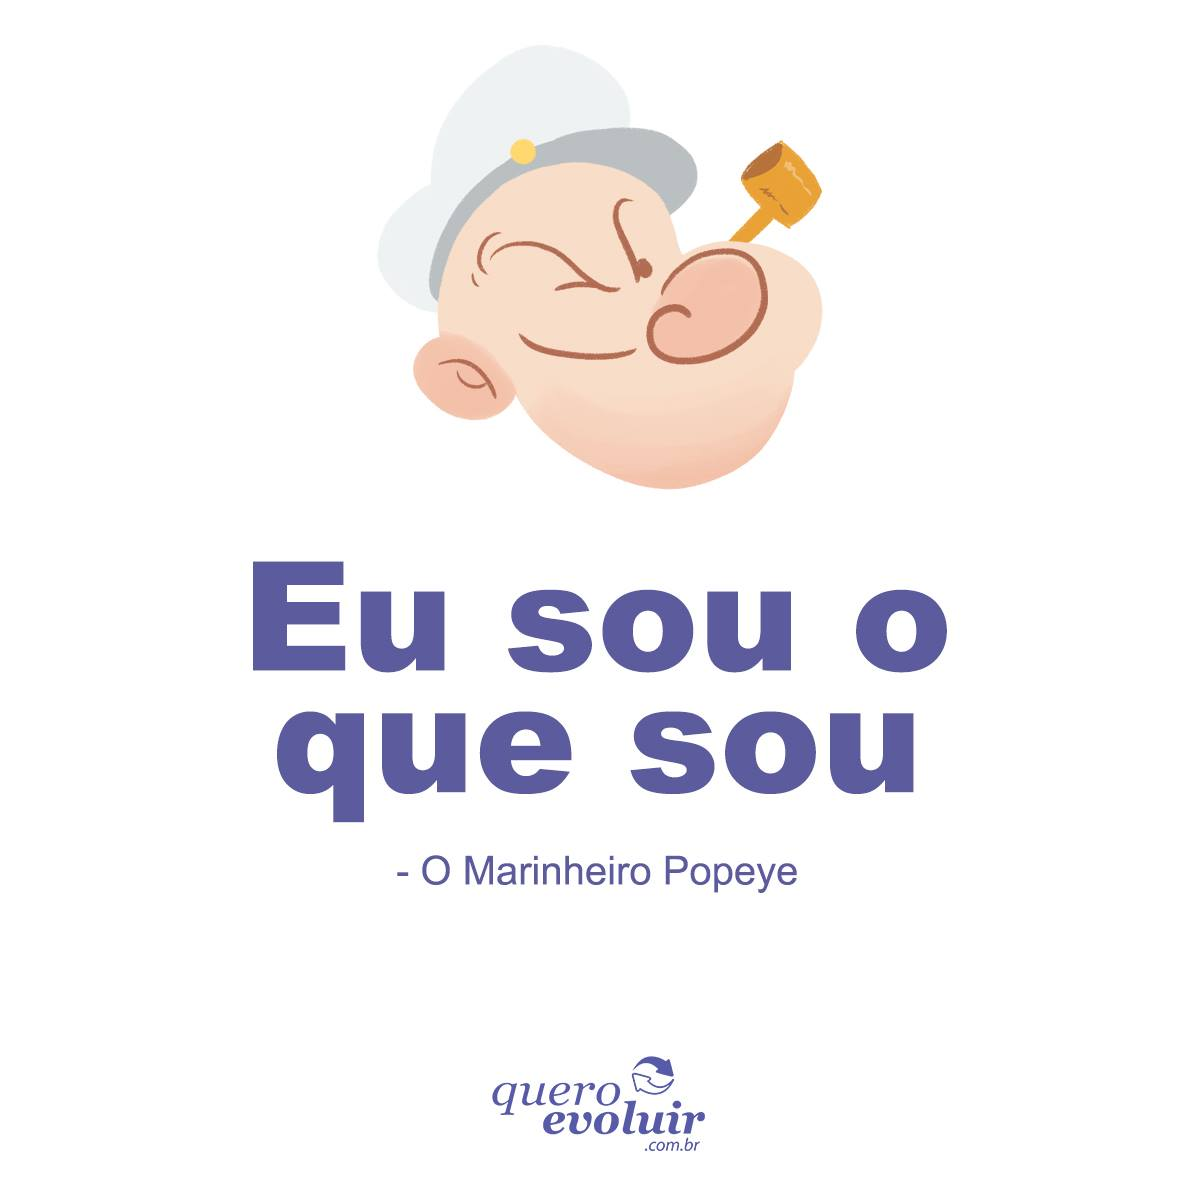 Frases de reflexão - Popeye